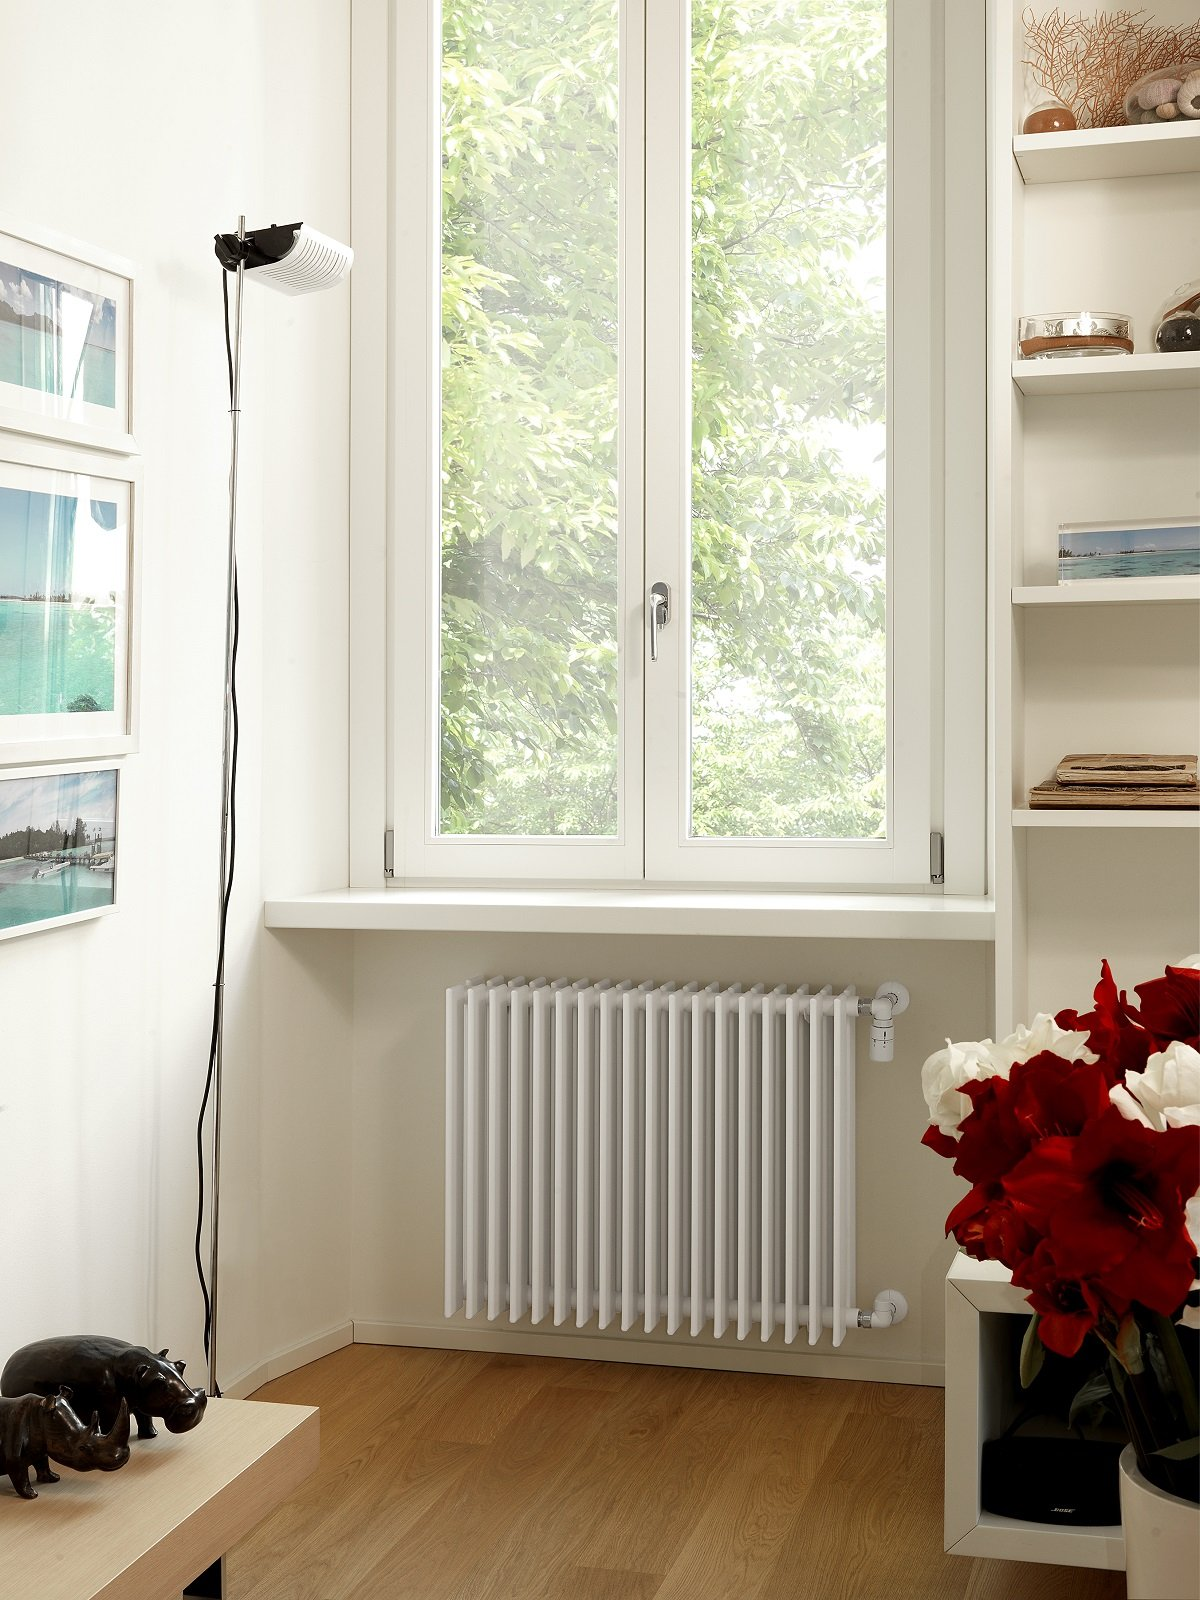 Verniciare I Termosifoni In Ghisa i nuovi modelli sostituiscono i vecchi radiatori sottofinestra